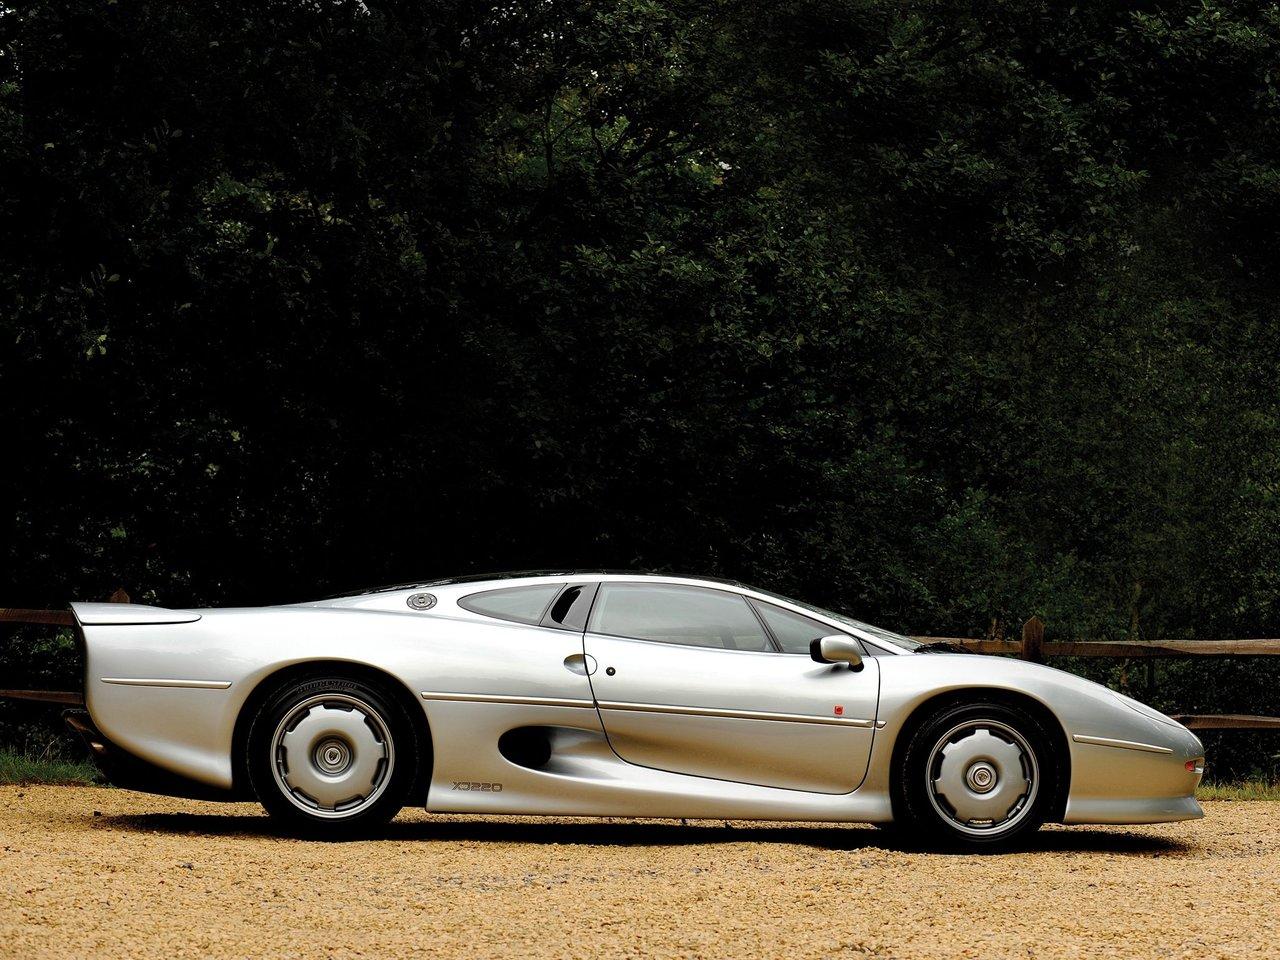 Снимки: Jaguar XJ220